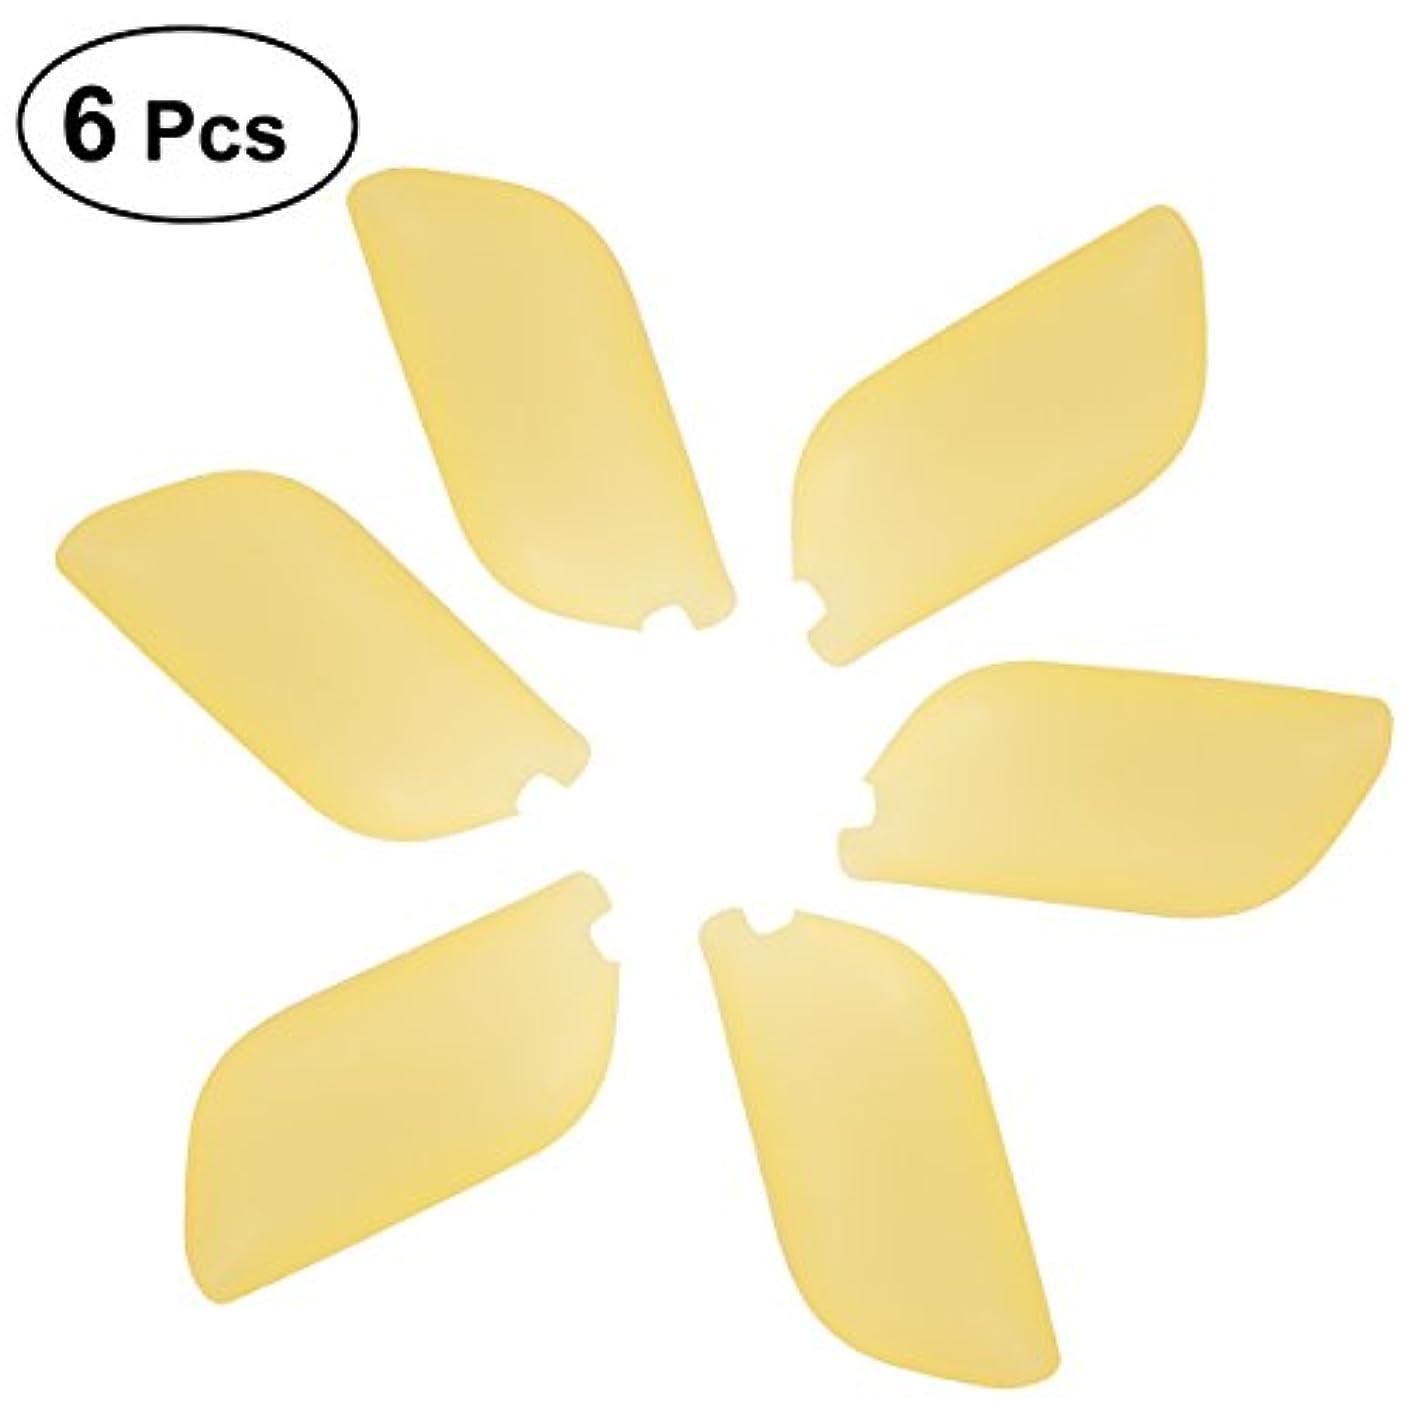 ゴールド道徳の直径HEALLILYシリコン歯ブラシヘッドカバーホルダー歯ブラシ保護カバー保護ケース用歯ブラシ6本